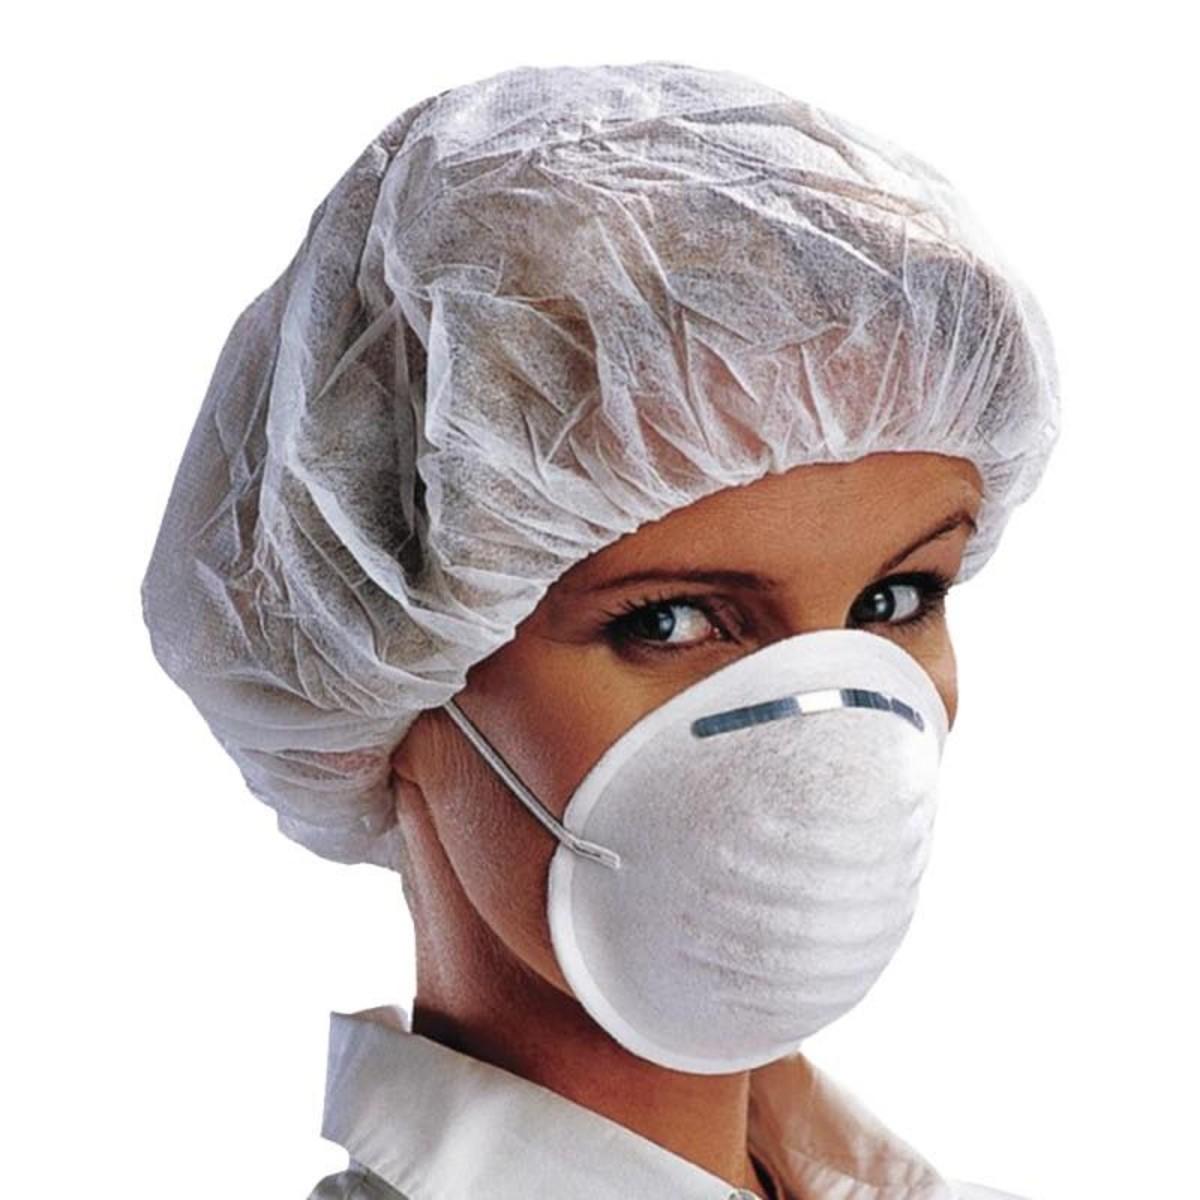 mascherine chirurgiche